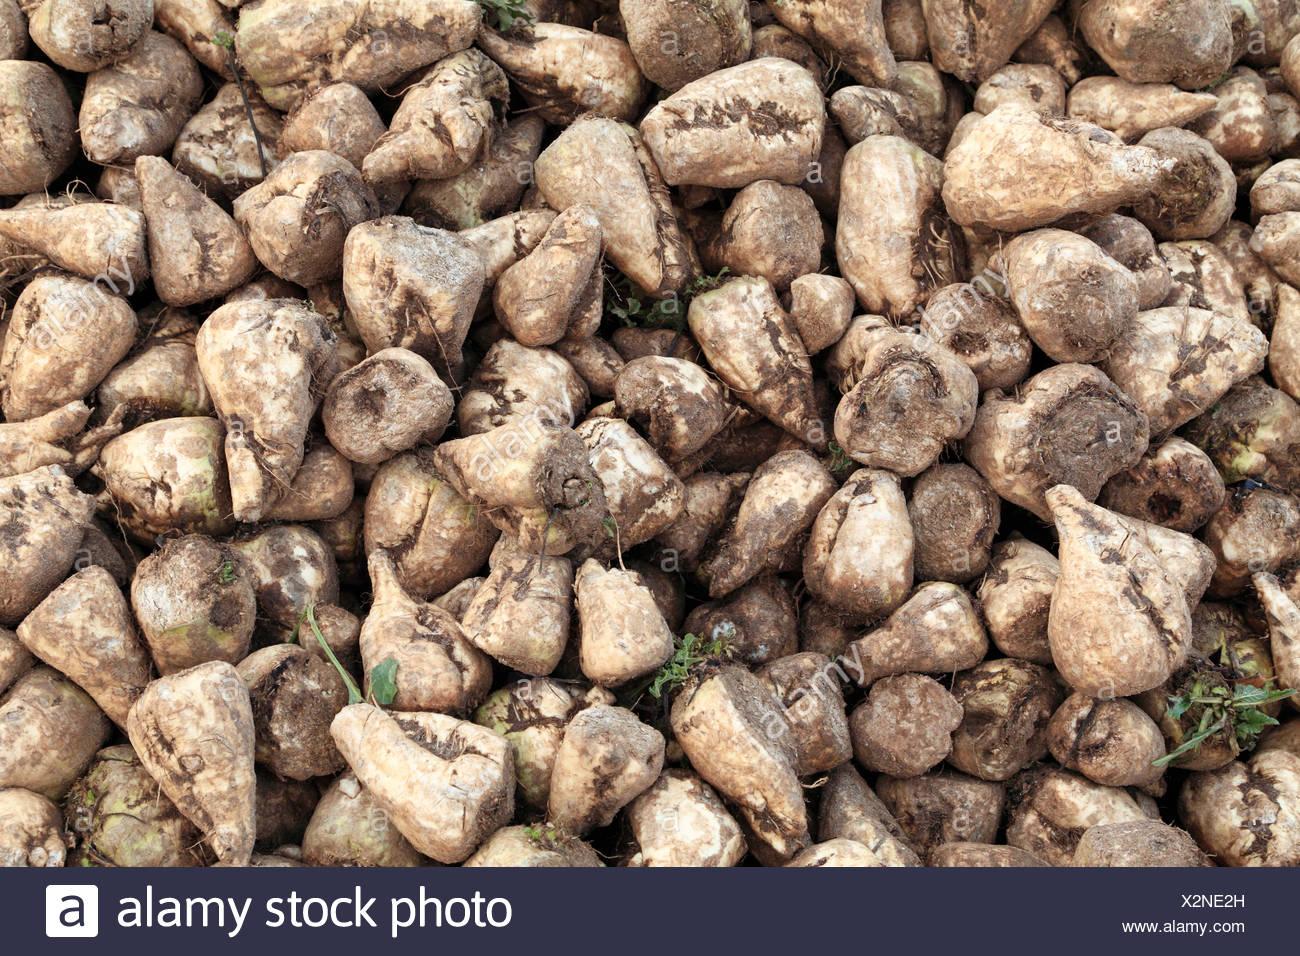 Zuckerrüben, geerntet, Norfolk, England-UK-Zuckerrüben-Ernte-Landwirtschaft Stockbild